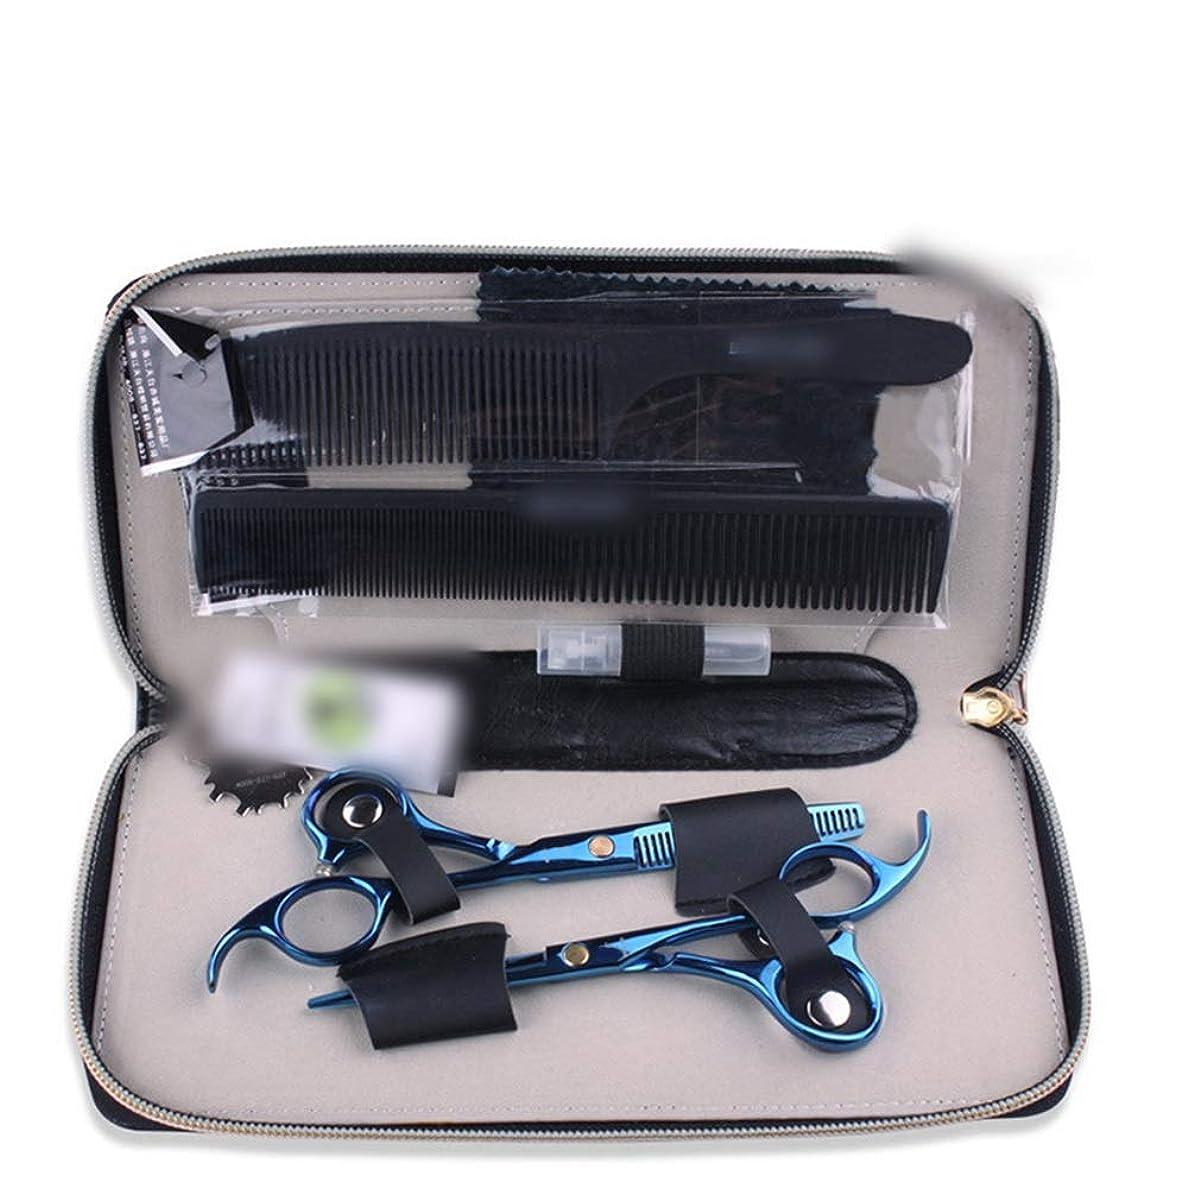 作業届ける画面青い専門のはさみ5.5インチの理髪はさみセット モデリングツール (色 : 青)